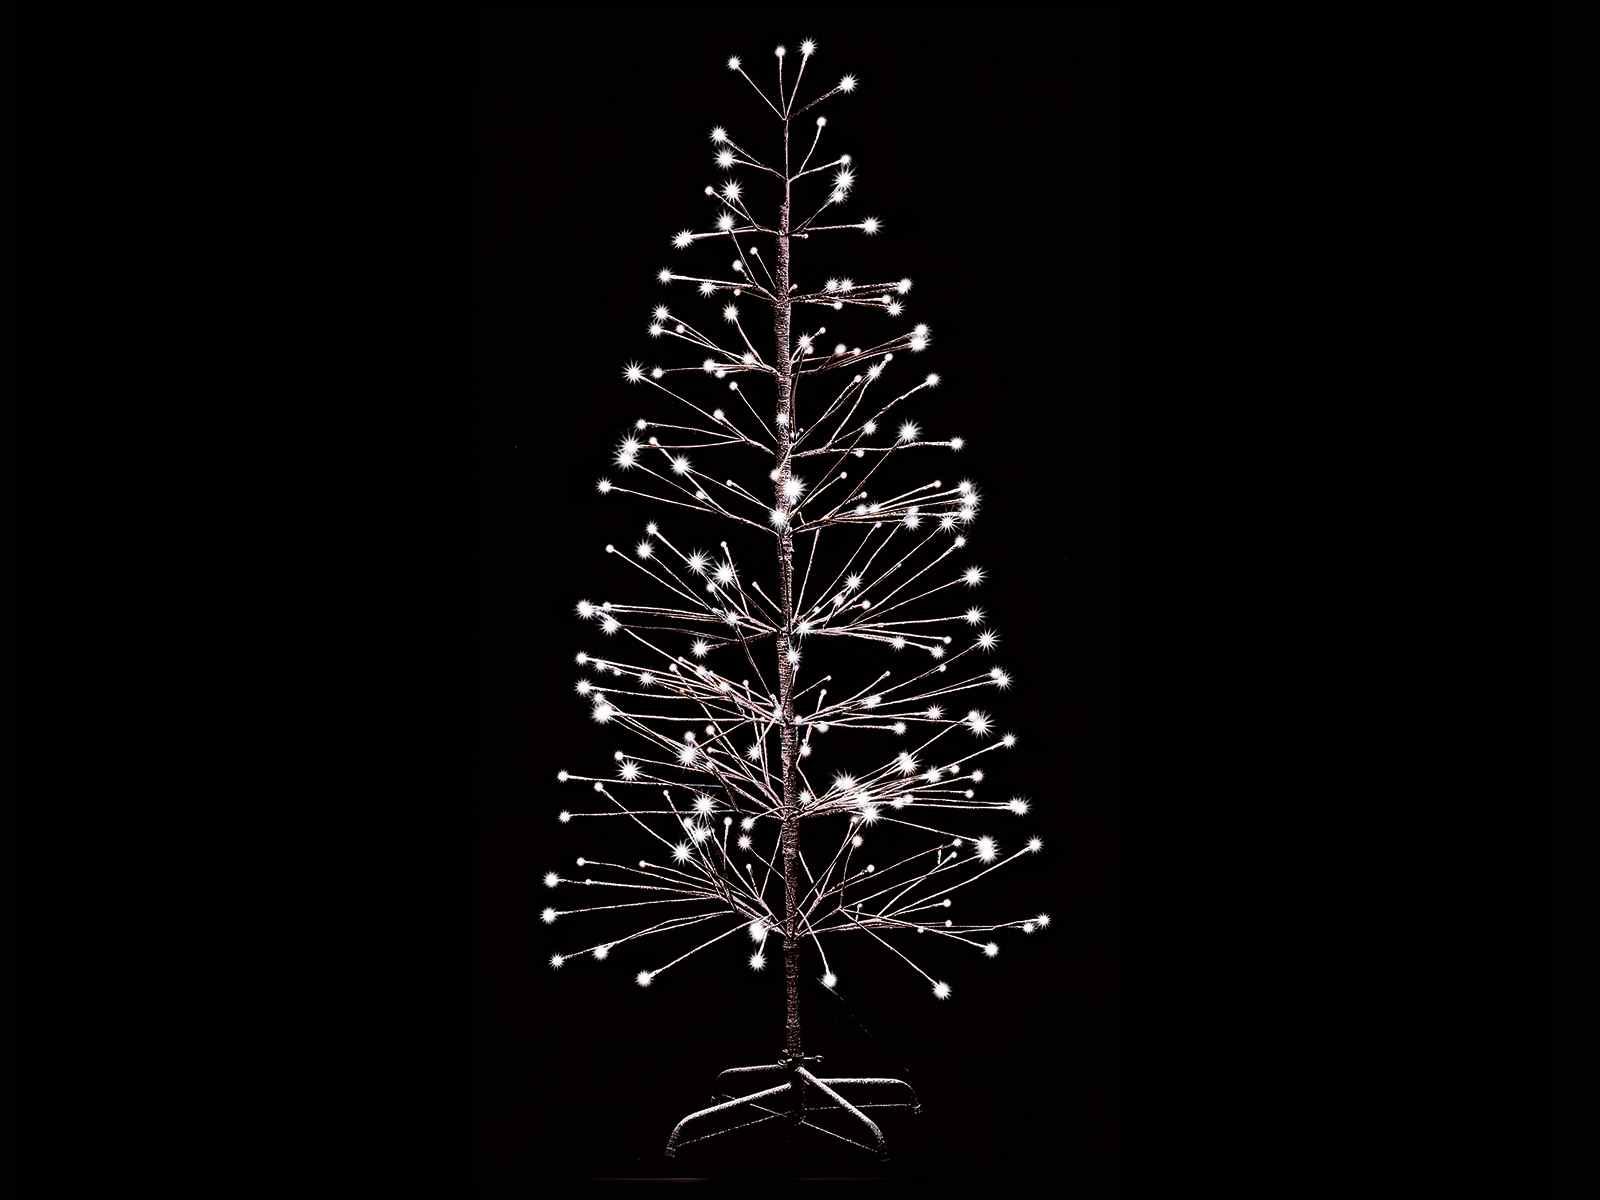 Arbol de navidad efecto nevado c 232 luces led for Luces led arbol navidad